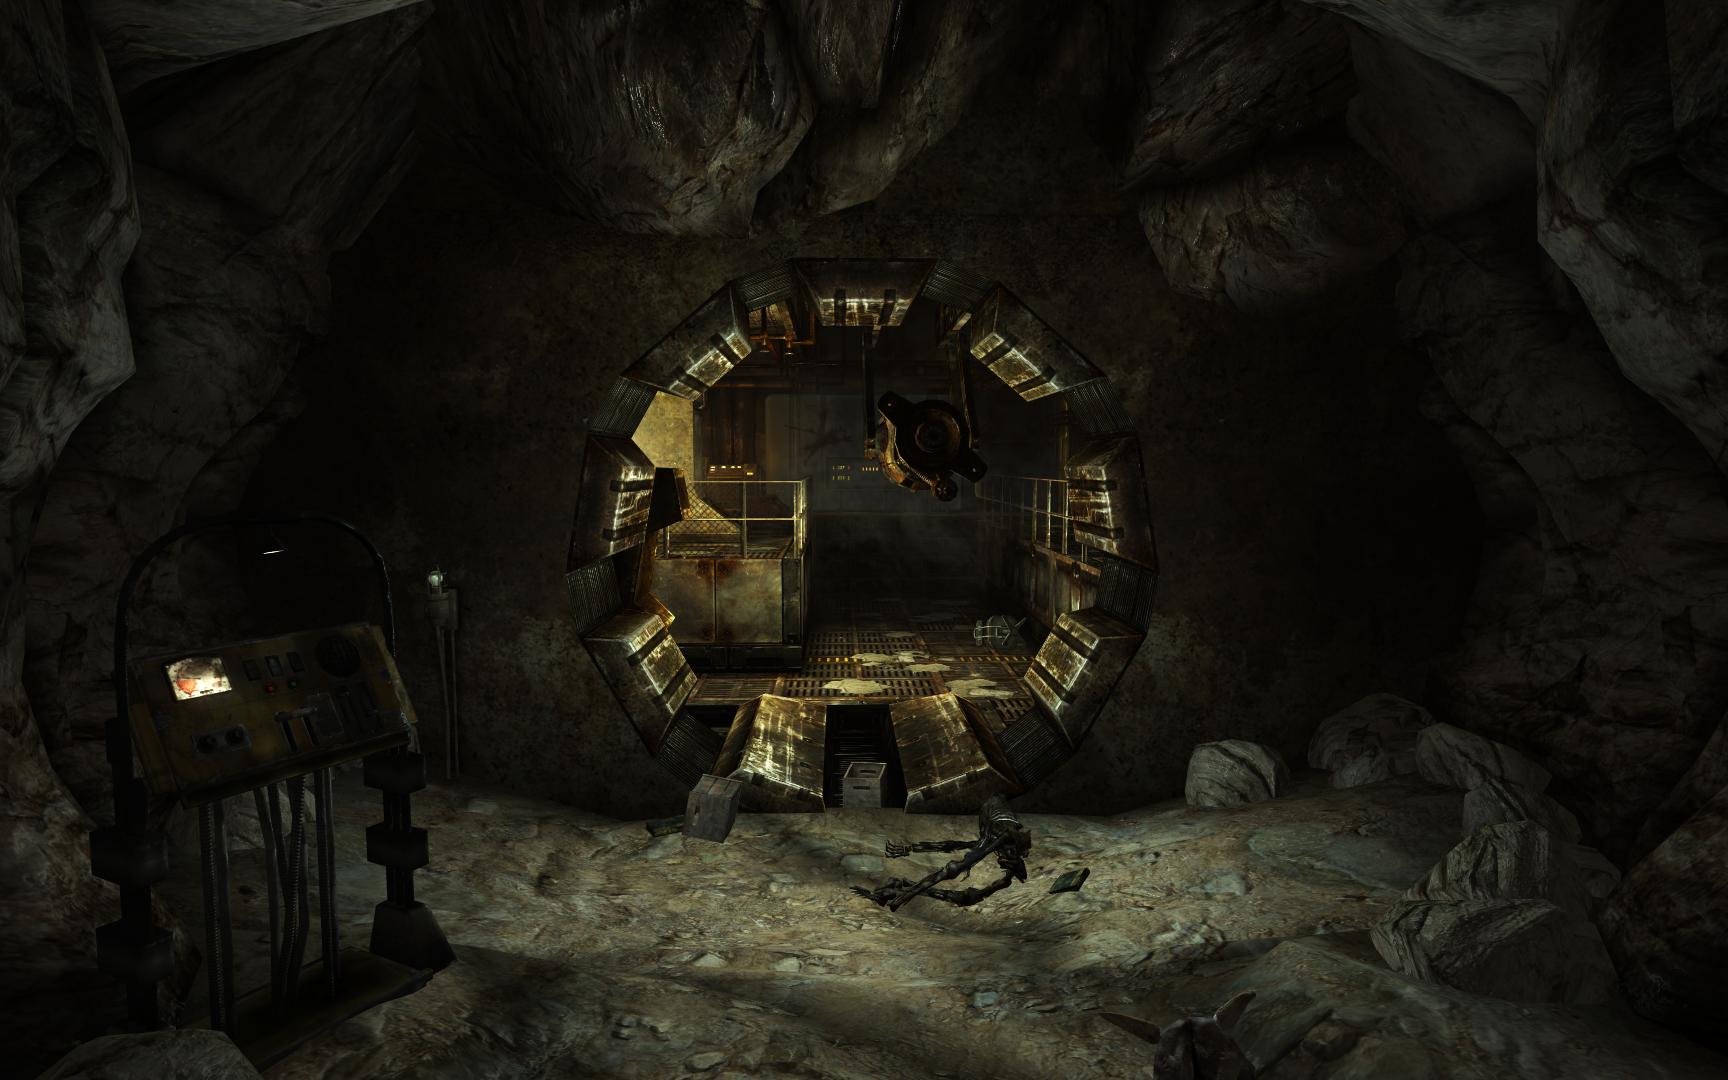 Fallout Vault Door image - vault 108 vault door | fallout wiki | fandom powered